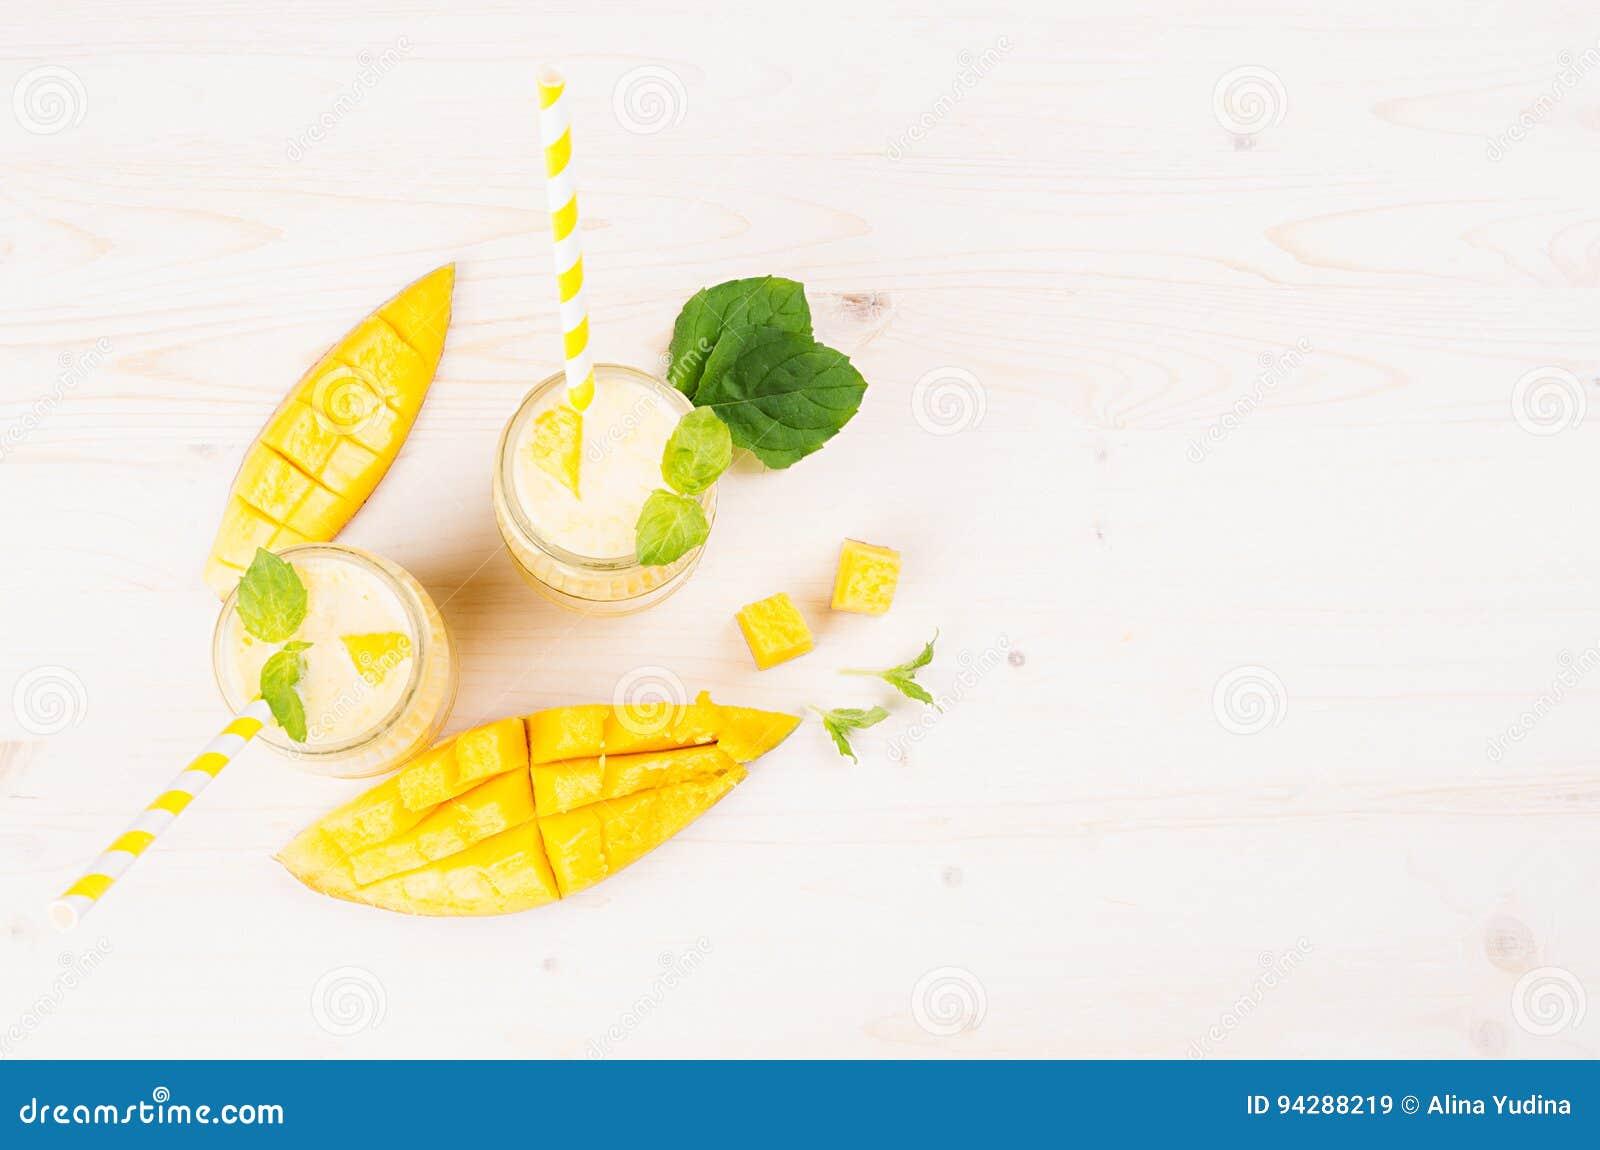 Frullato giallo della frutta del mango in barattoli di vetro con paglia, foglie di menta, fette del mango, vista superiore Fondo